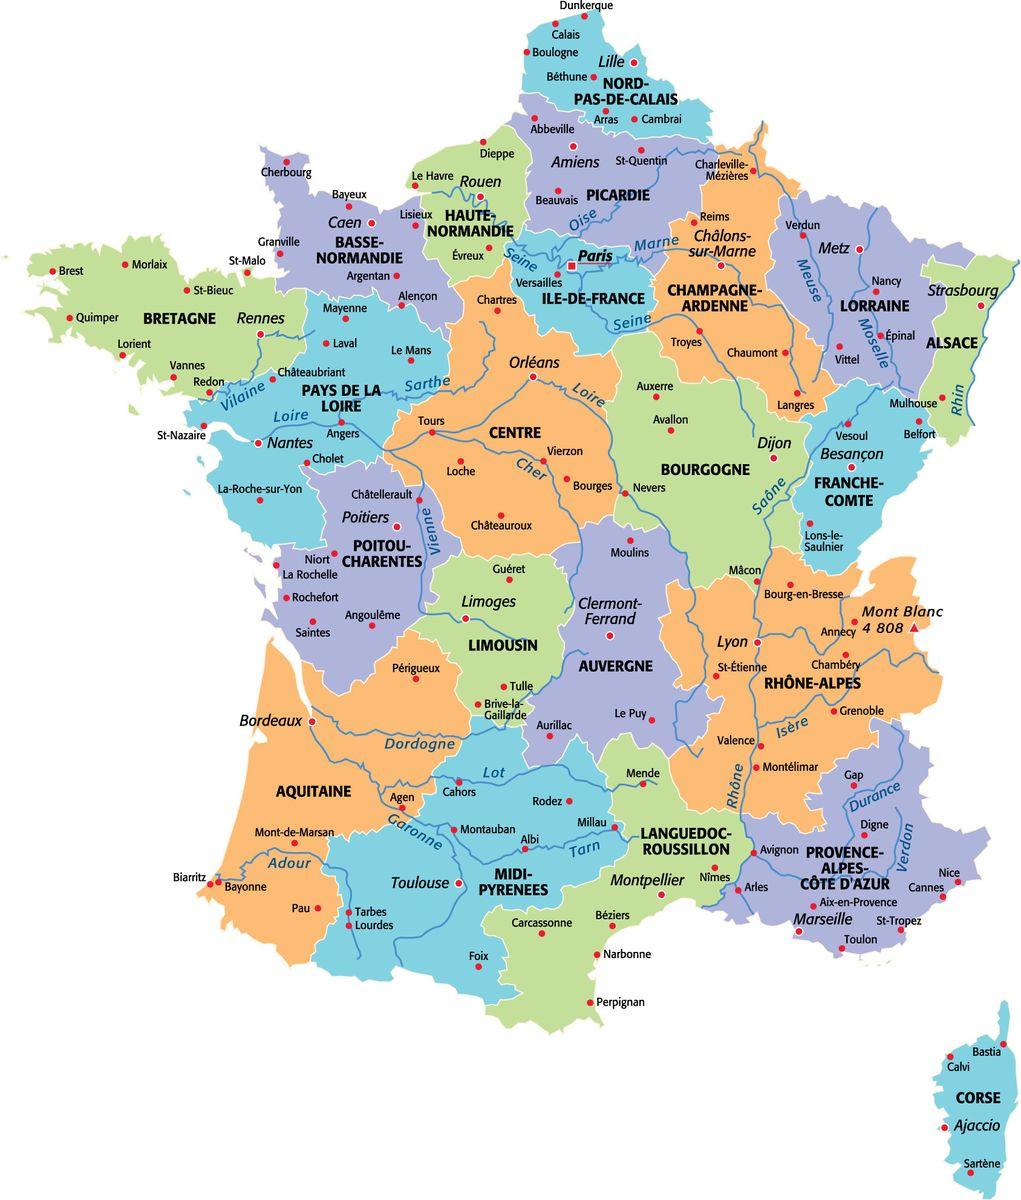 法国本土大区及主要城市地图